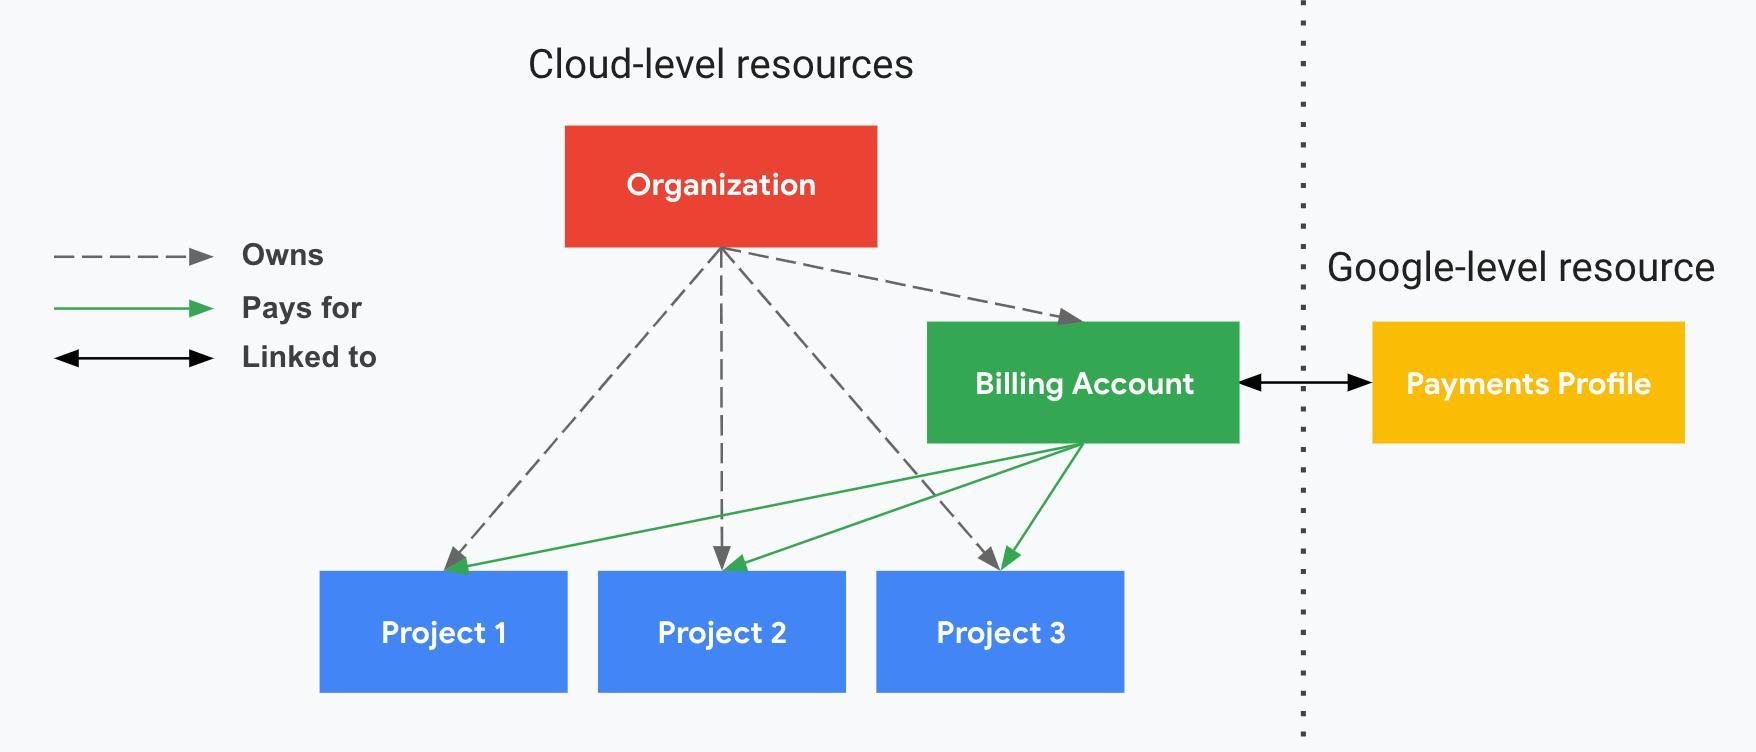 Diagramm: Beschreibt, wie sich Projekte auf Ihr Cloud-Rechnungskonto, die Organisation und Ihr Zahlungsprofil beziehen. Auf der einen Seite werden Ihre Ressourcen auf Cloud-Ebene angezeigt (Cloud-Rechnungskonto und zugehörige Projekte) und auf der anderen Seite Ihre Ressource auf Google-Ebene (Zahlungsprofil), die durch eine gepunktete vertikale Linie getrennt ist. Ihre Projekte werden über das Cloud-Rechnungskonto bezahlt, das mit Ihrem Zahlungsprofil verknüpft ist. Die Organisation steuert die Inhaberschaft mithilfe von Cloud IAM.